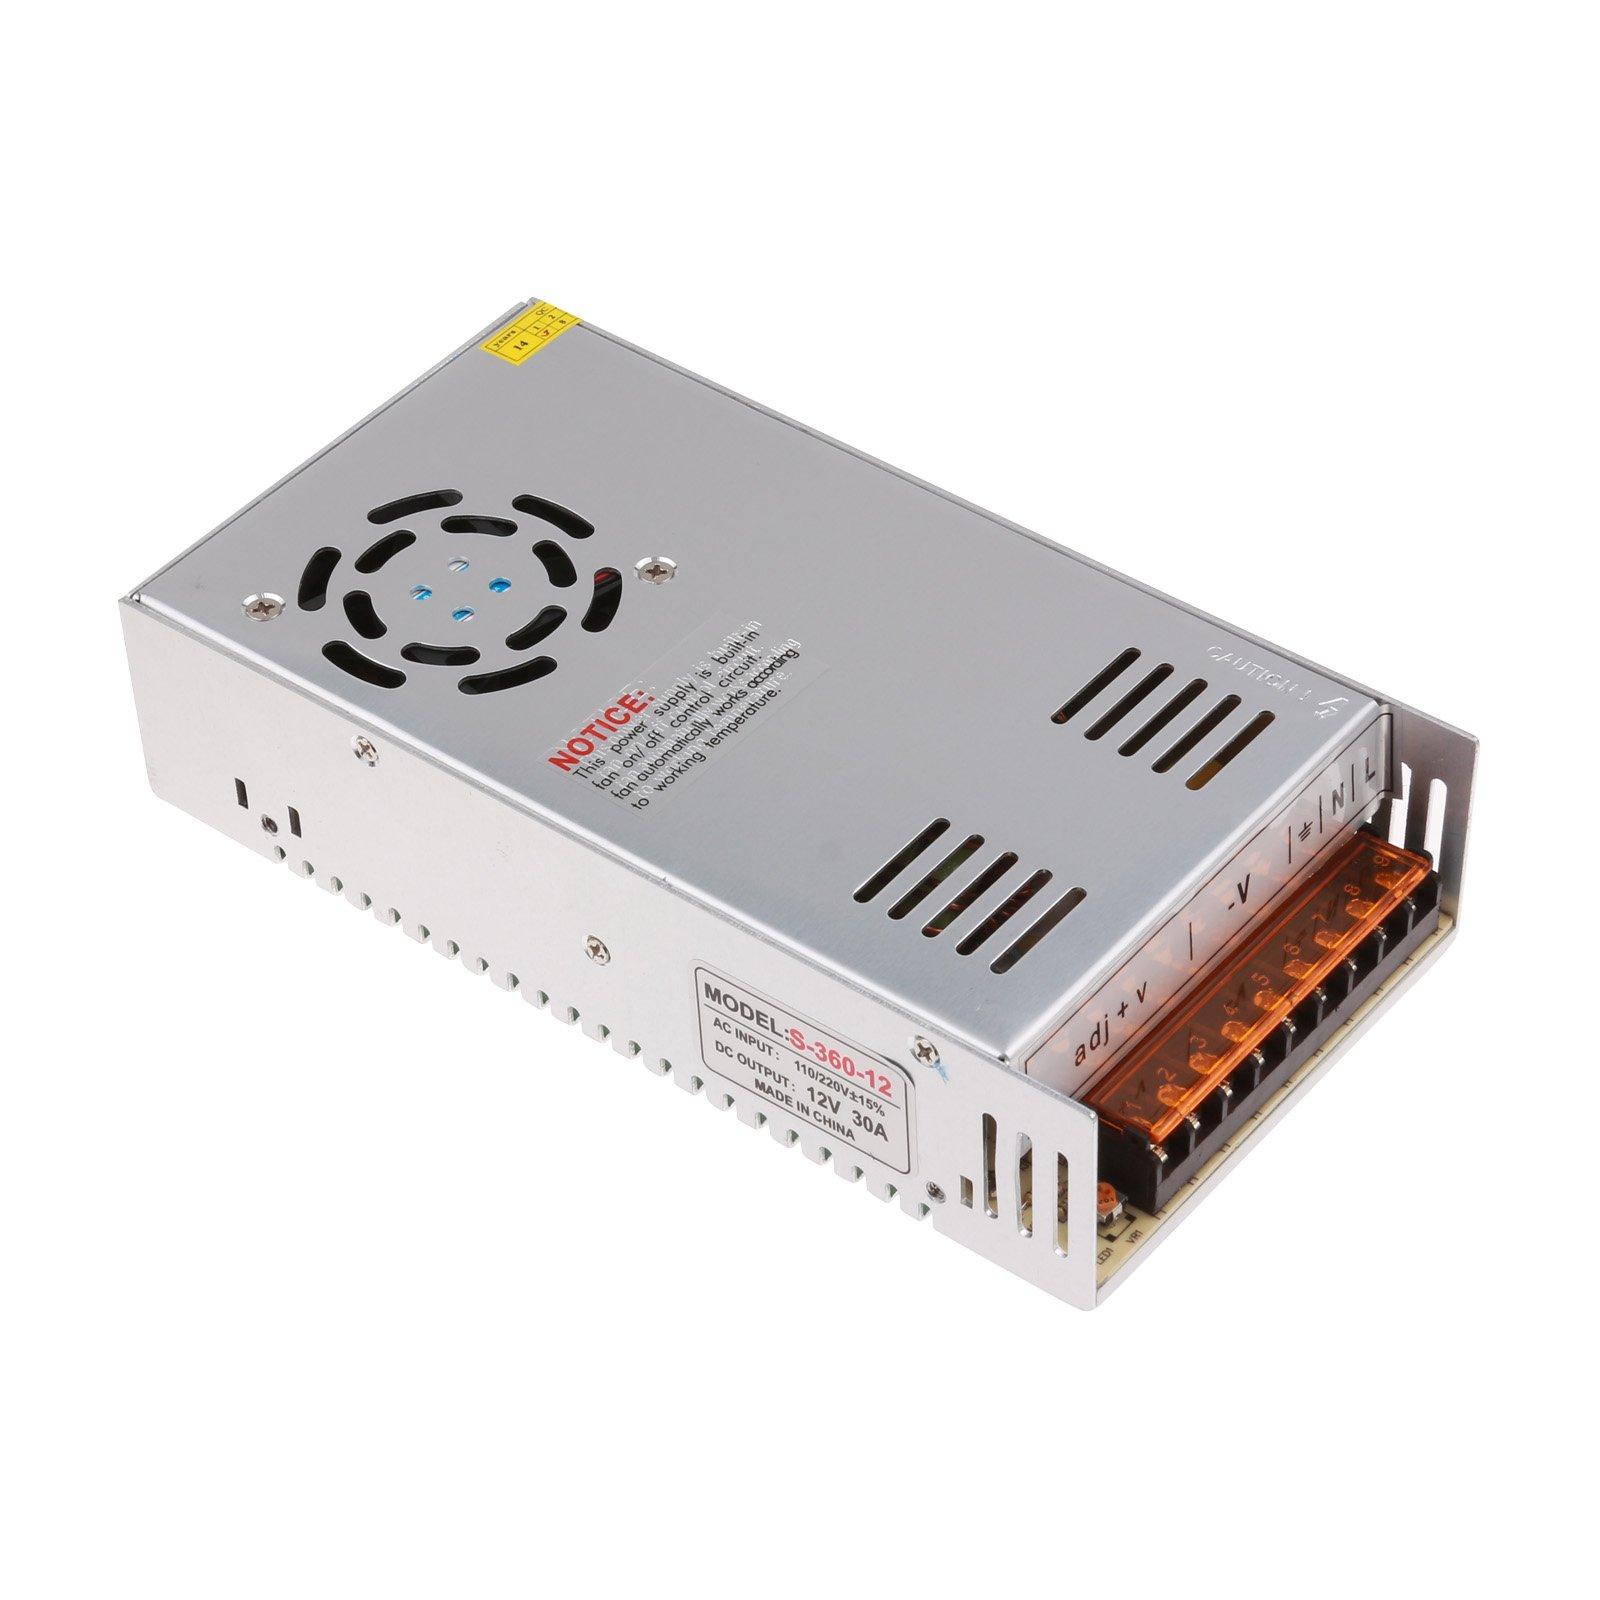 Lemonbest 12V 360W 30A Power Supply Transformer for LED Strips Lighting LED billboards LED display, AC 100V - 220V to DC 12V (30A)